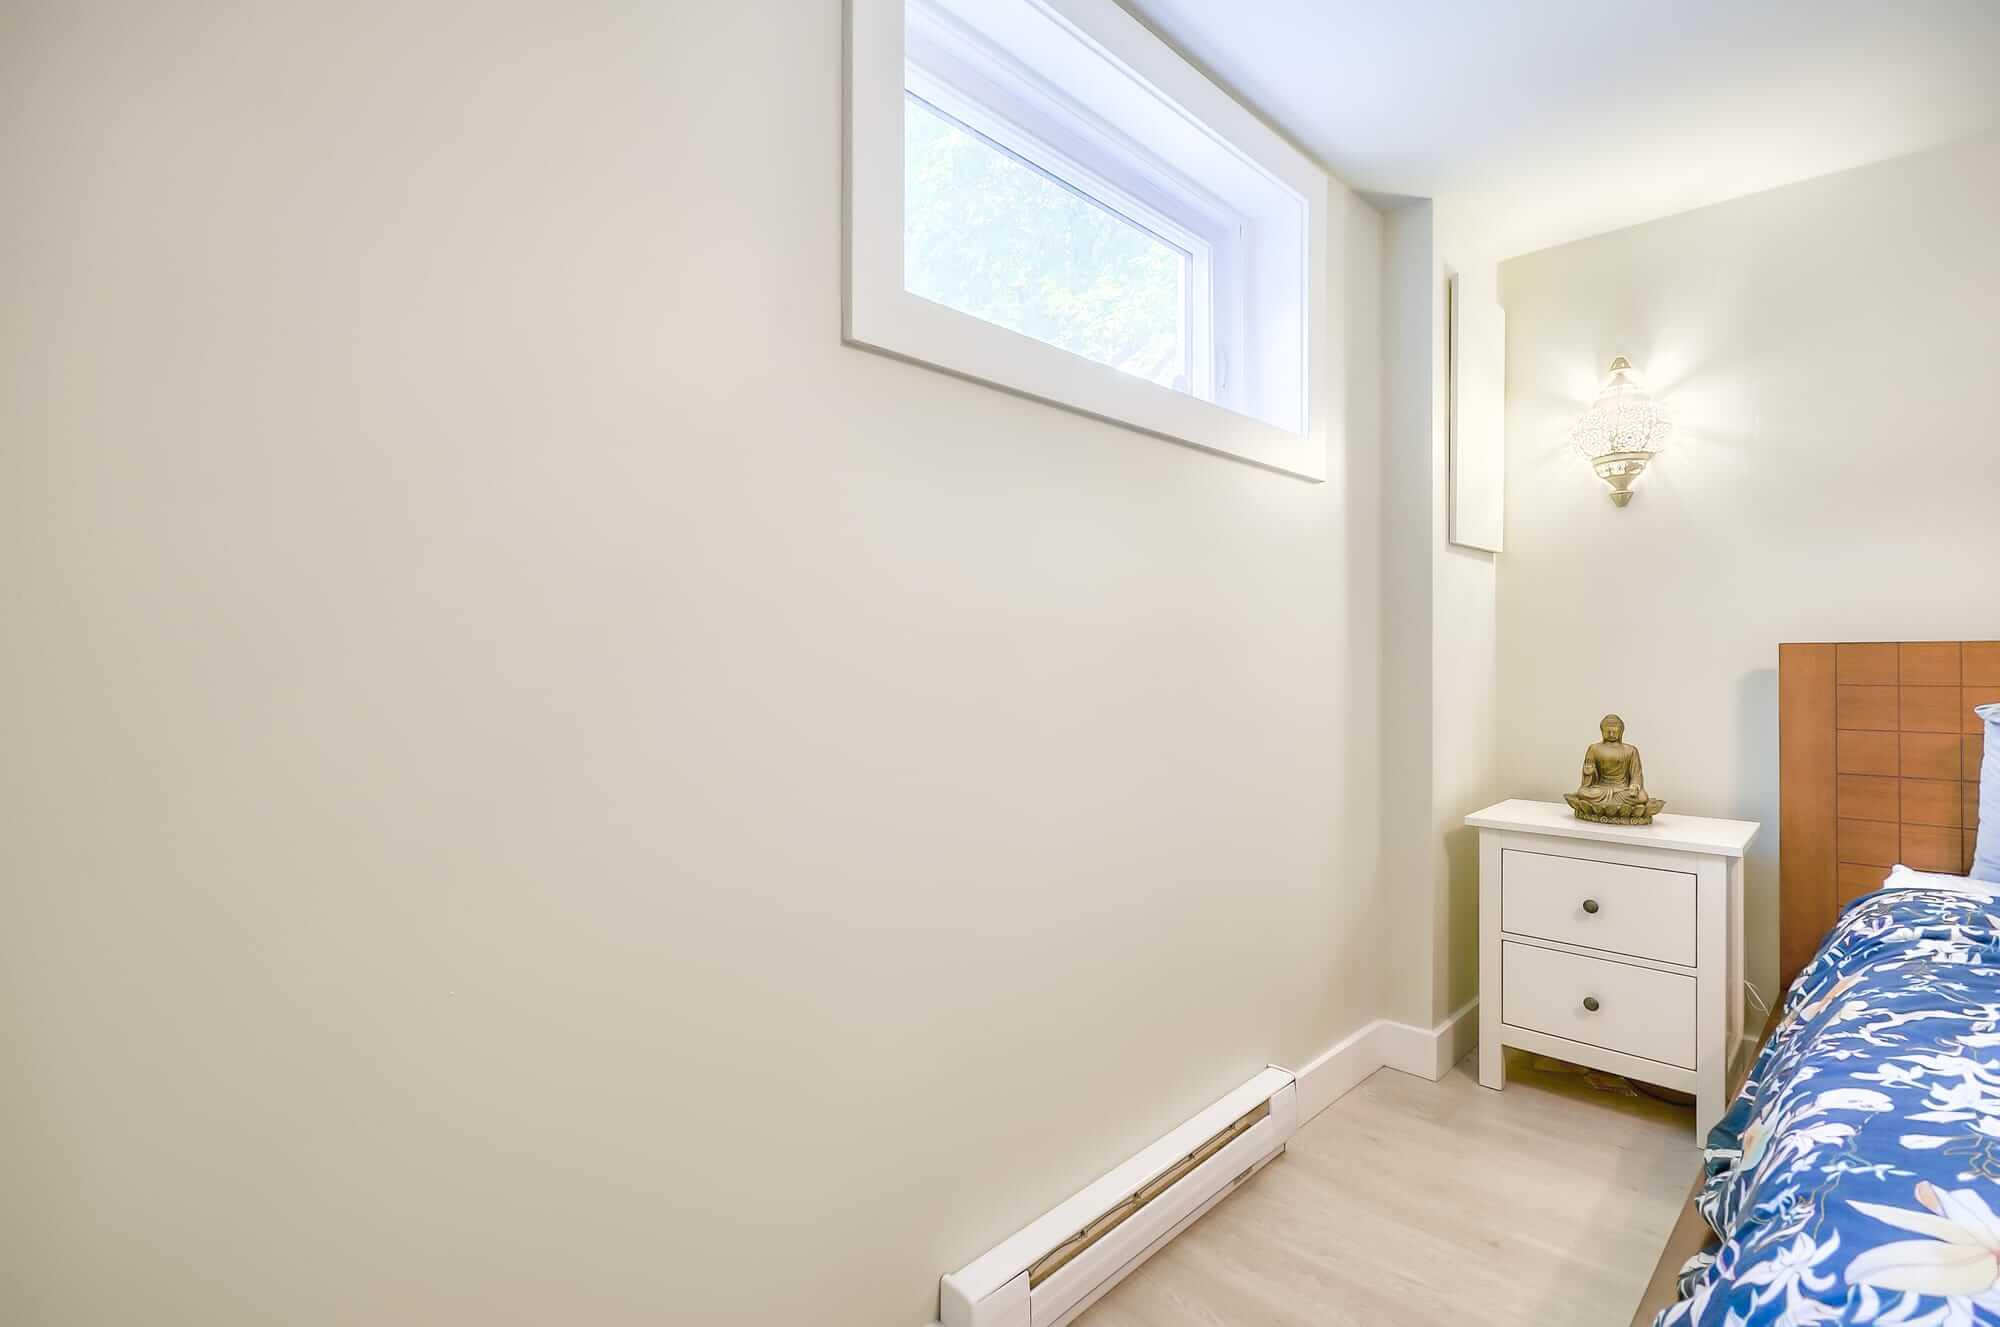 fenêtre sous-sol avec vue sur mur beige pâle et table de nuit blanche